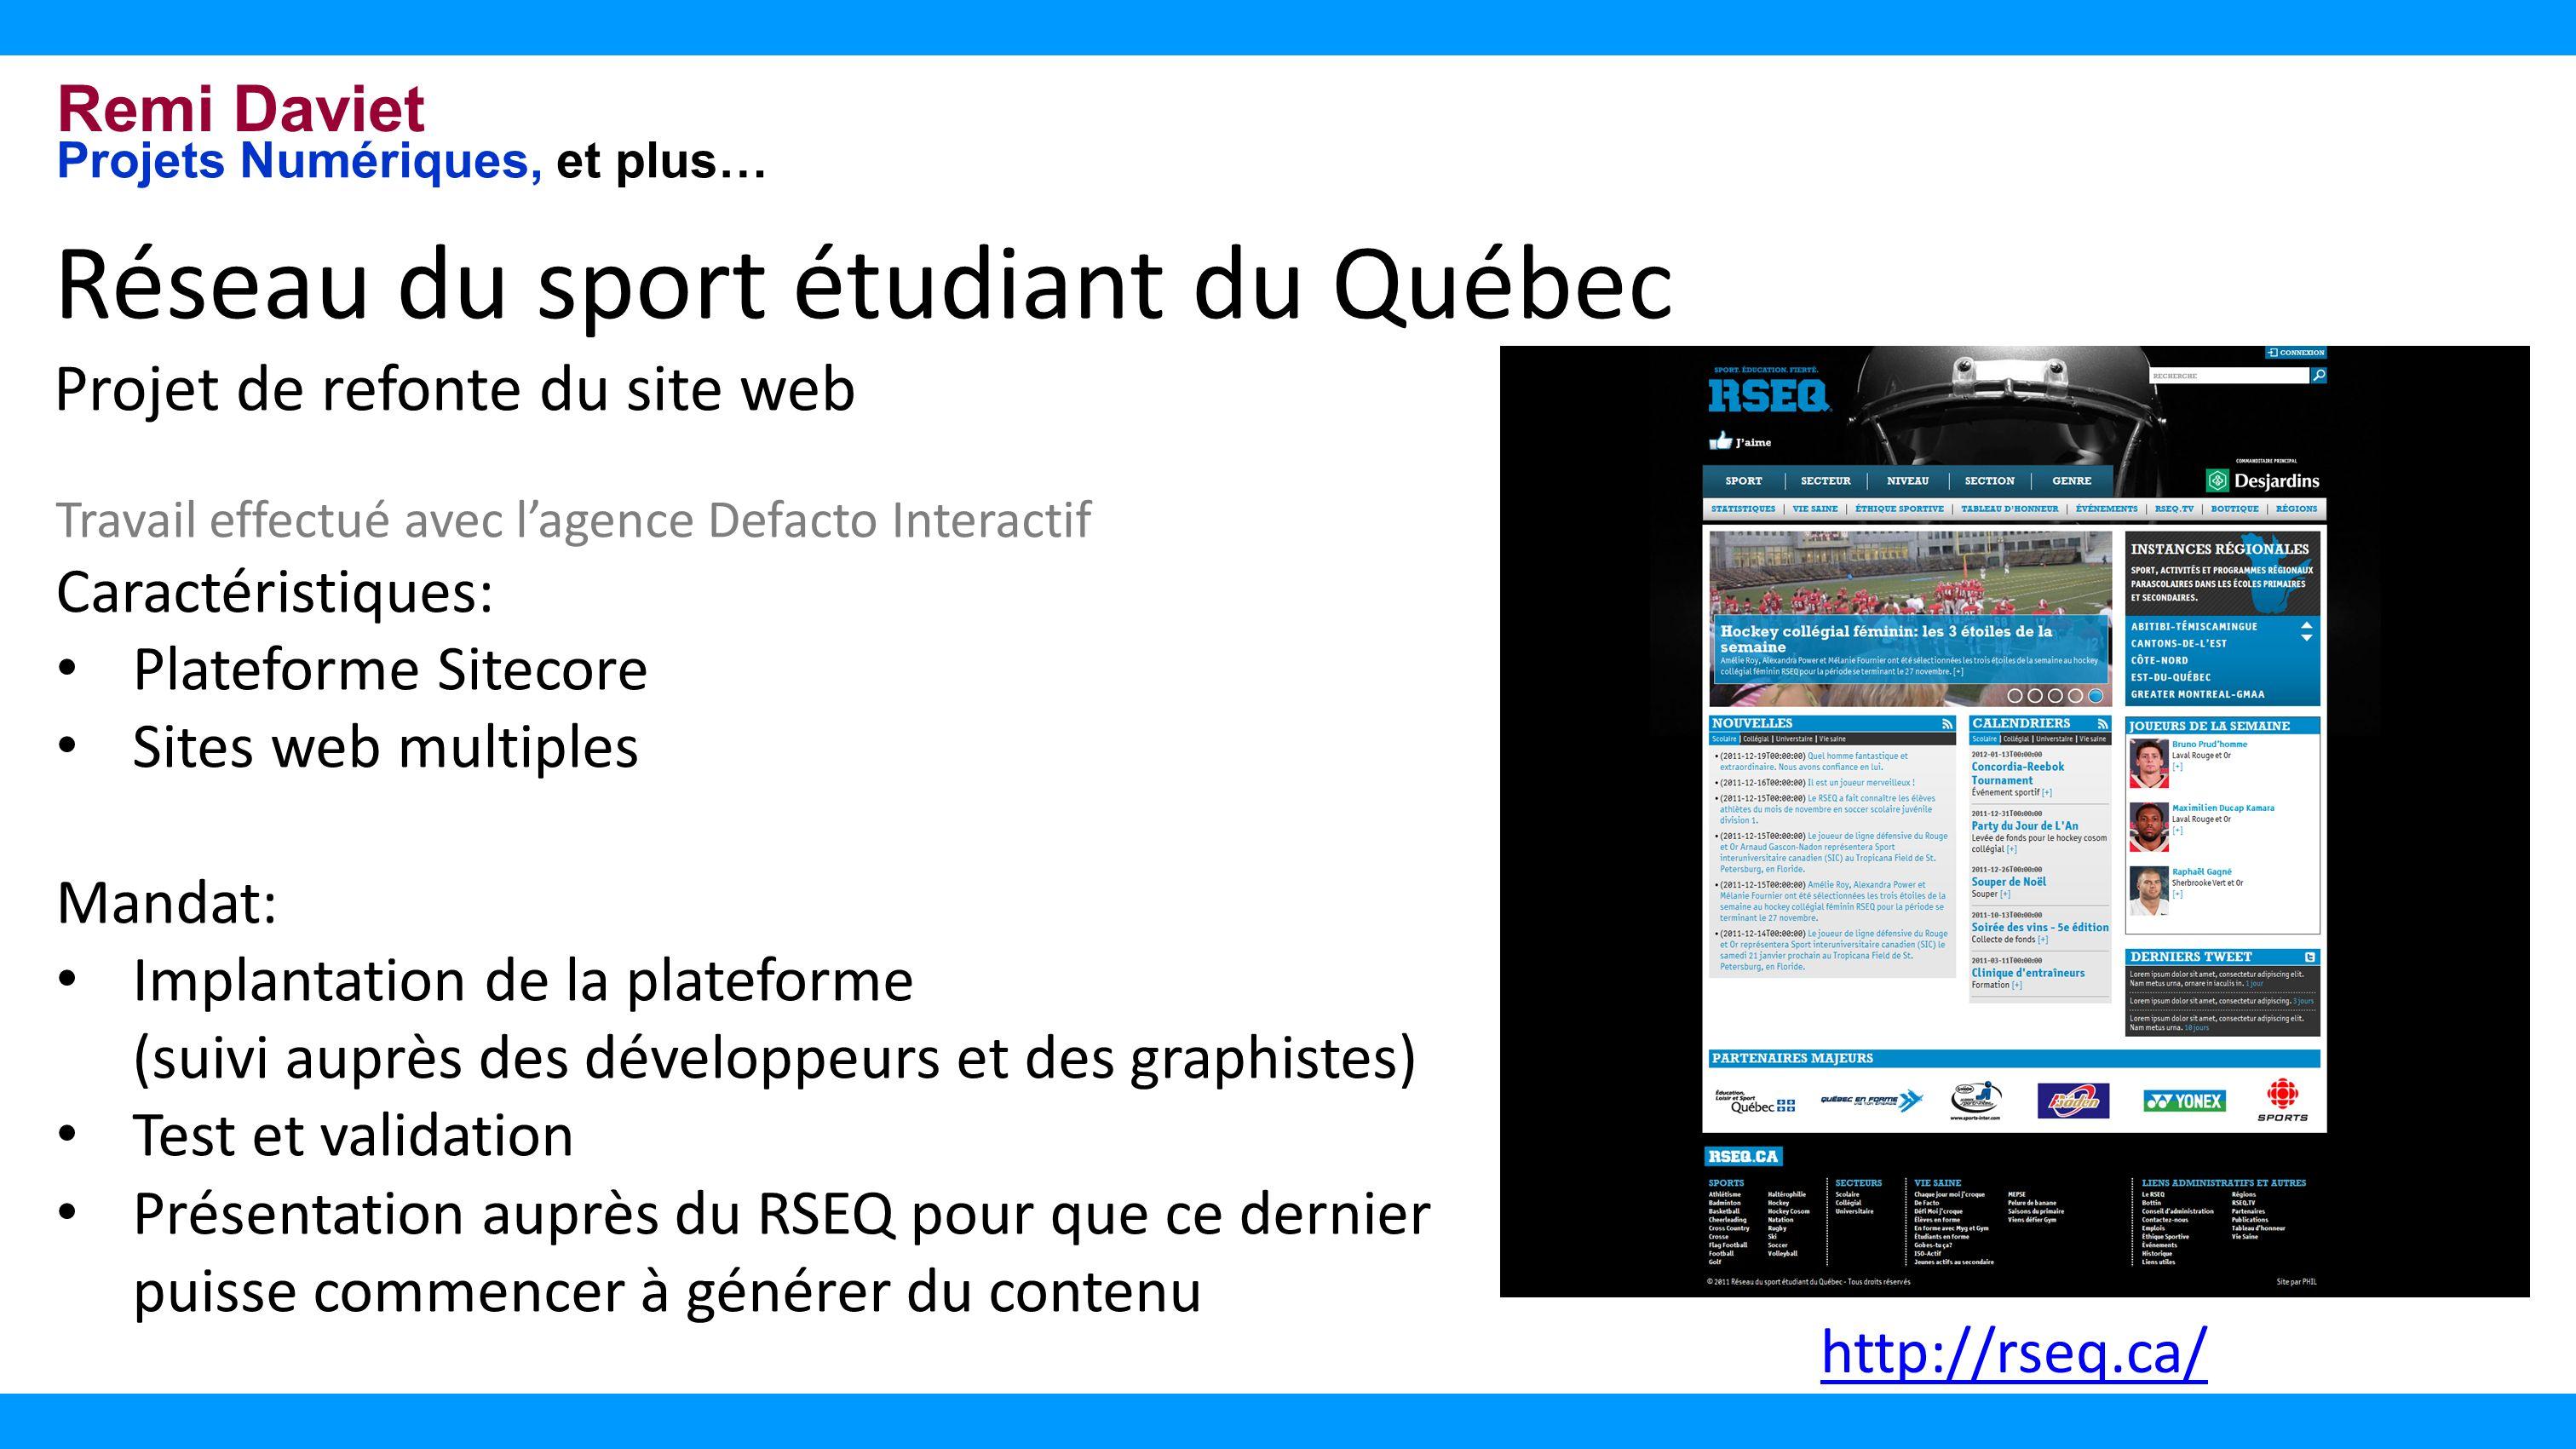 Remi Daviet Projets Numériques, et plus… Réseau du sport étudiant du Québec Projet de refonte du site web Travail effectué avec lagence Defacto Interactif Caractéristiques: Plateforme Sitecore Sites web multiples Mandat: Implantation de la plateforme (suivi auprès des développeurs et des graphistes) Test et validation Présentation auprès du RSEQ pour que ce dernier puisse commencer à générer du contenu http://rseq.ca/